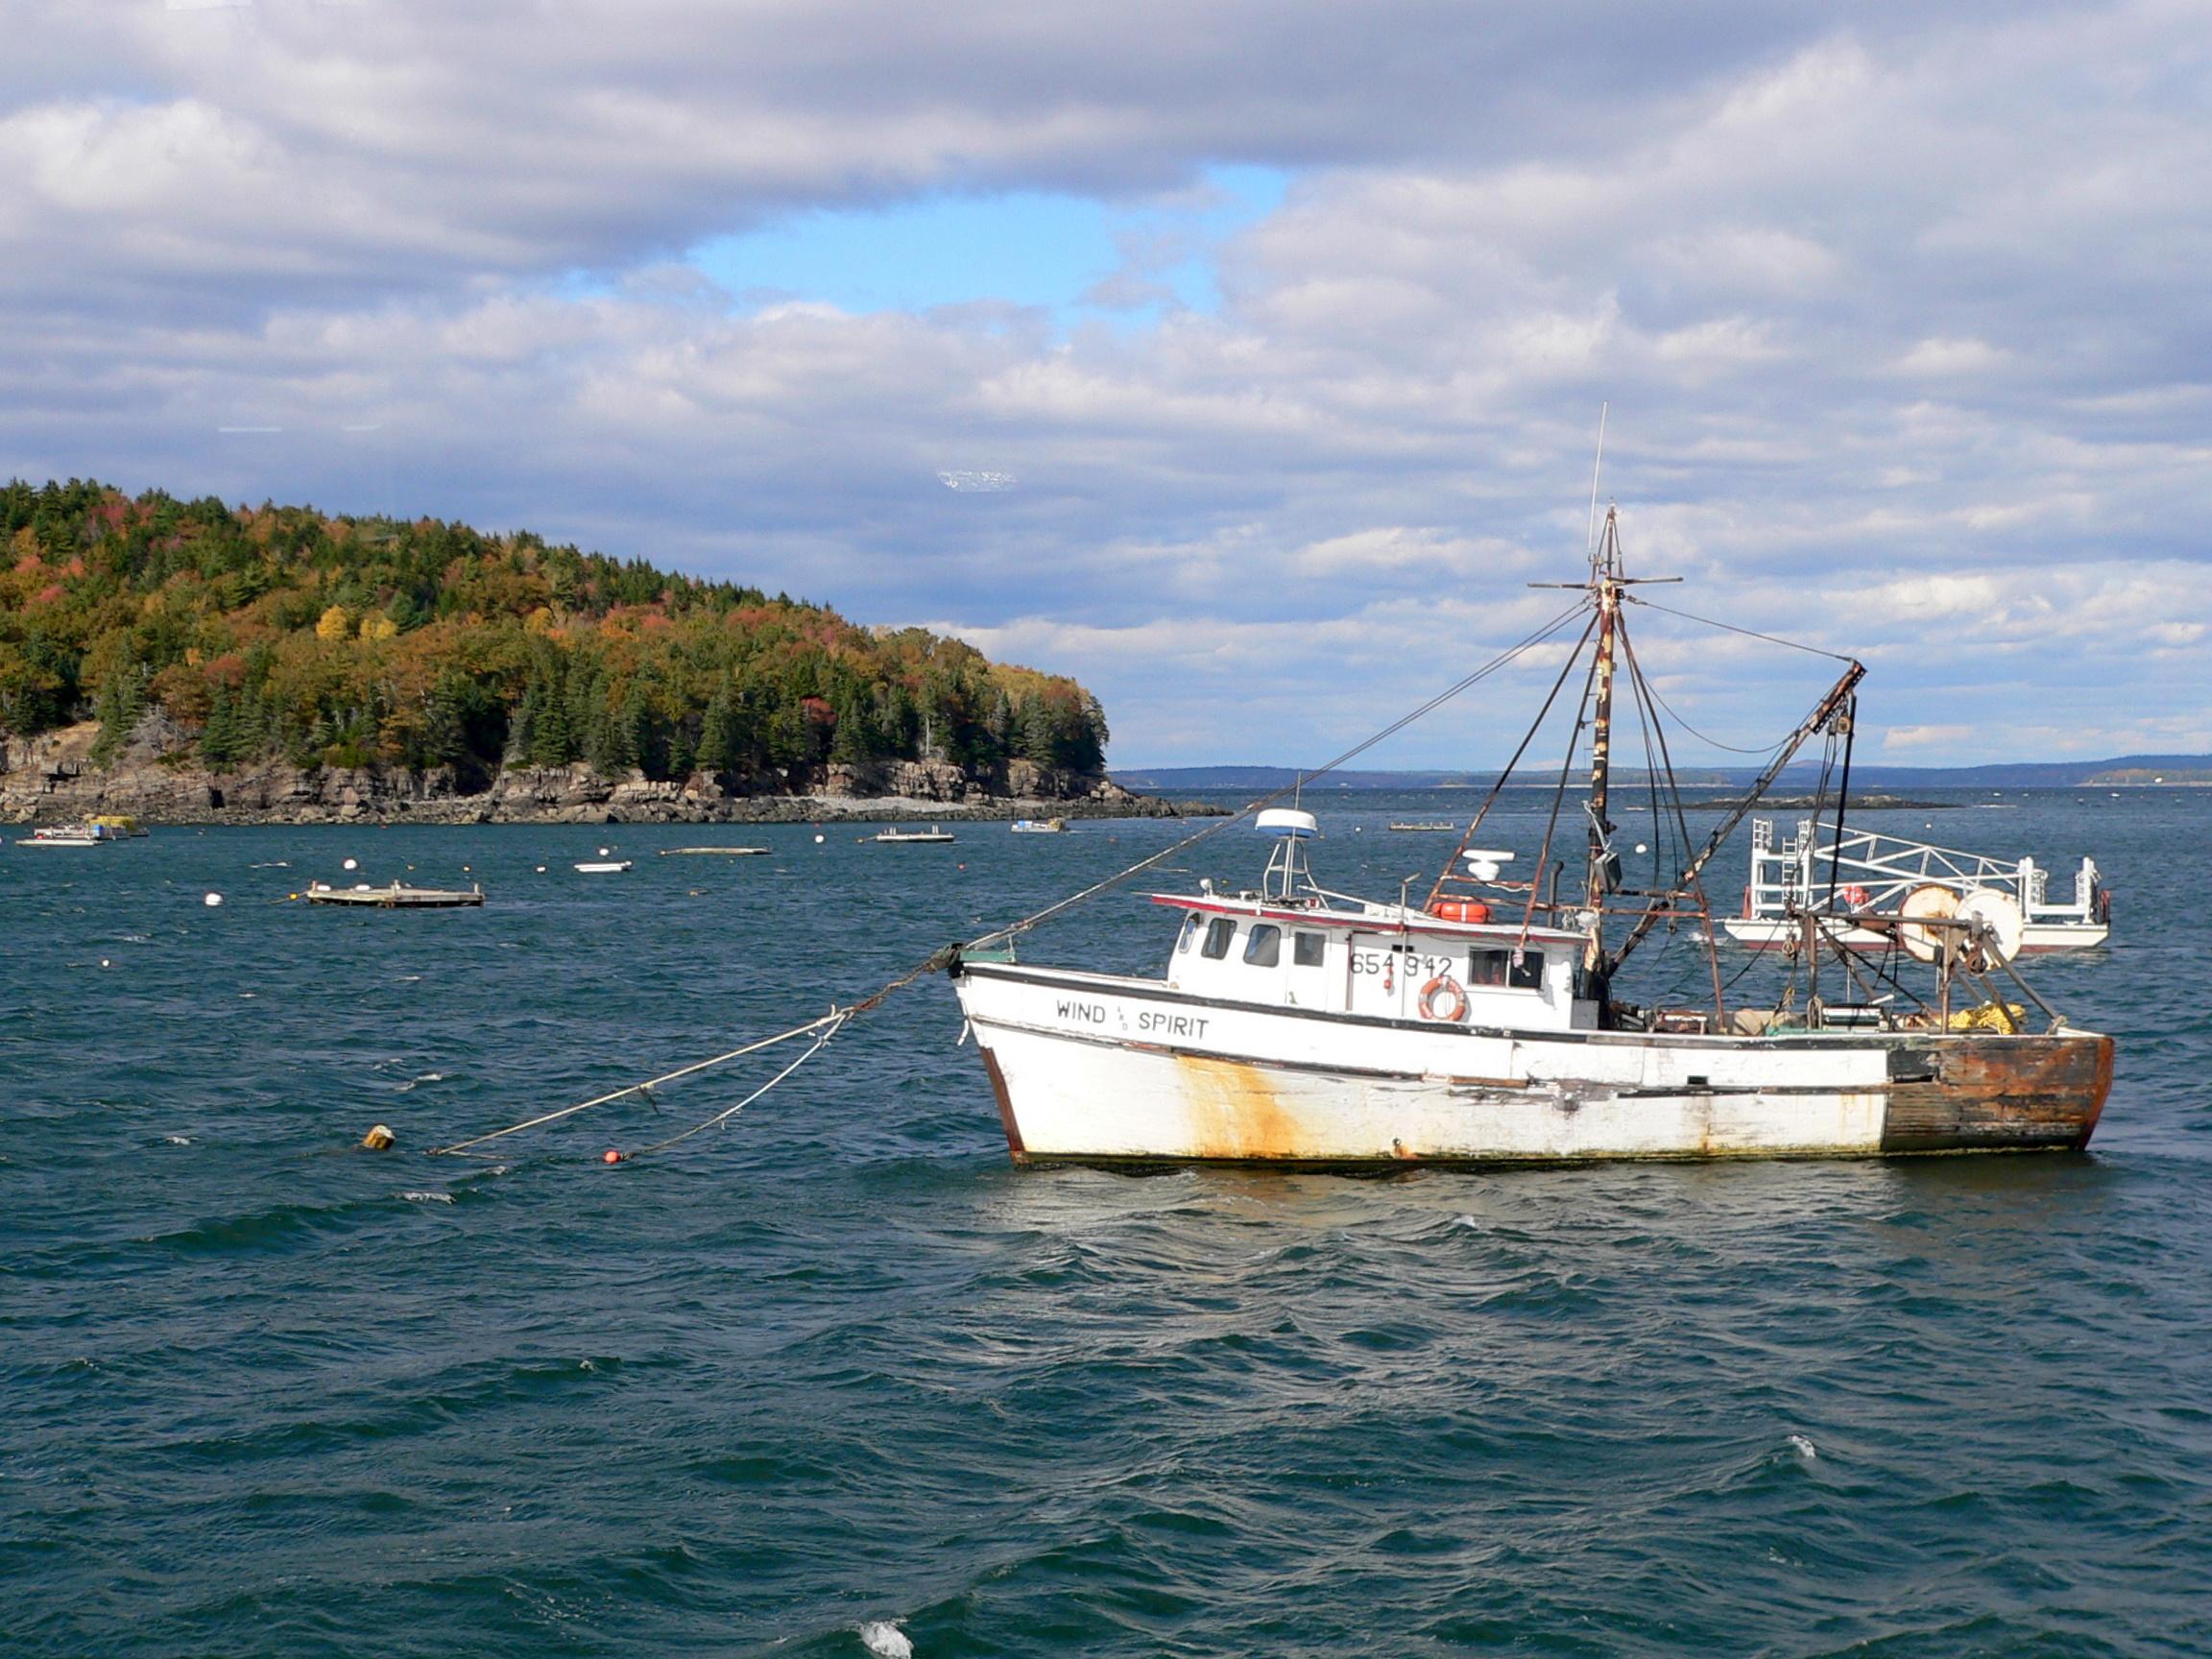 A_Lobster_Boat_at_Bar_Harbor.jpg